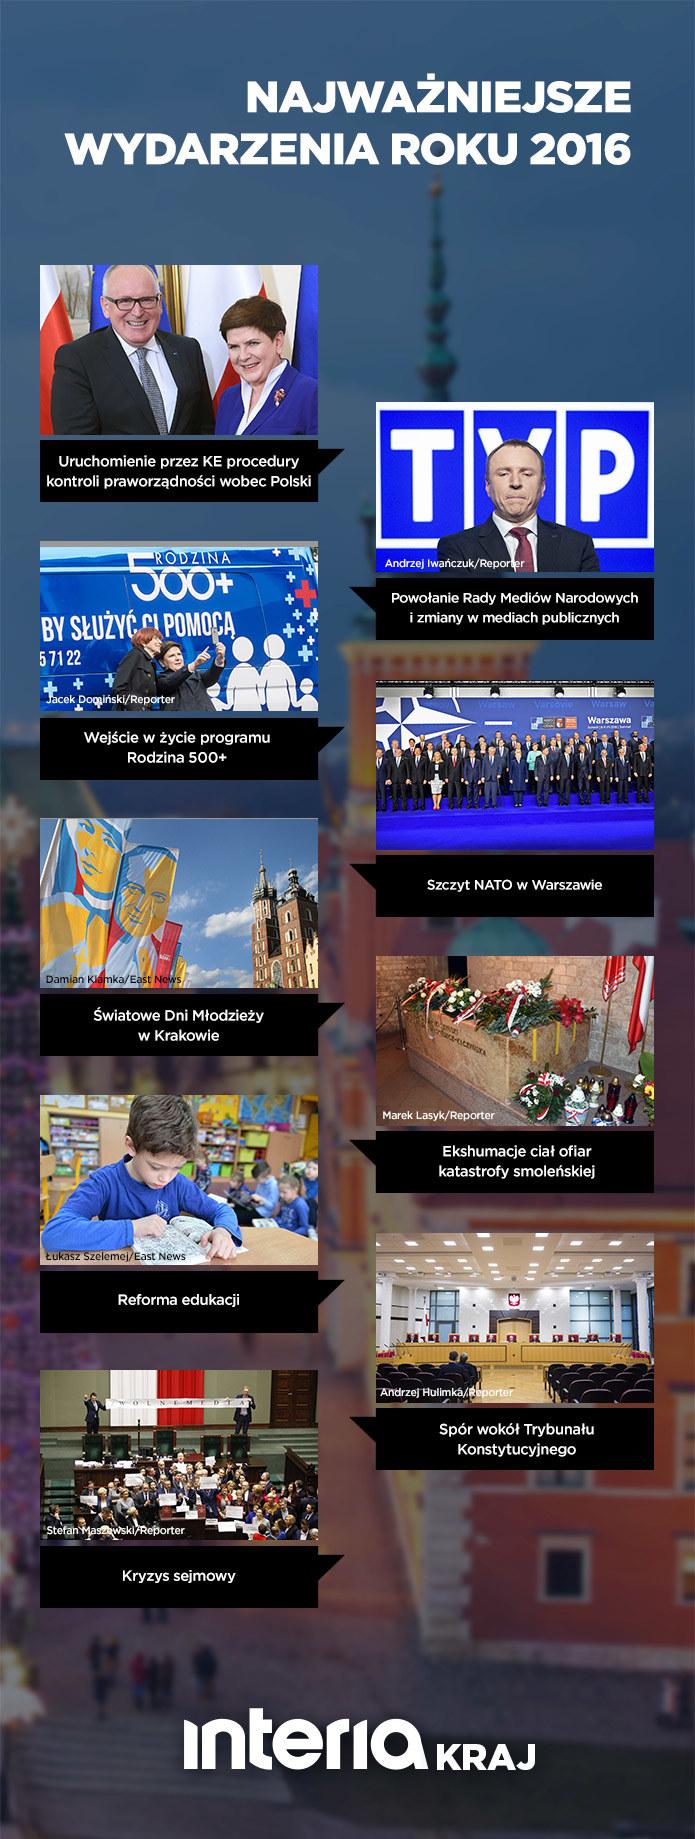 Najważniejsze wydarzenia 2016 roku w kraju /INTERIA.PL